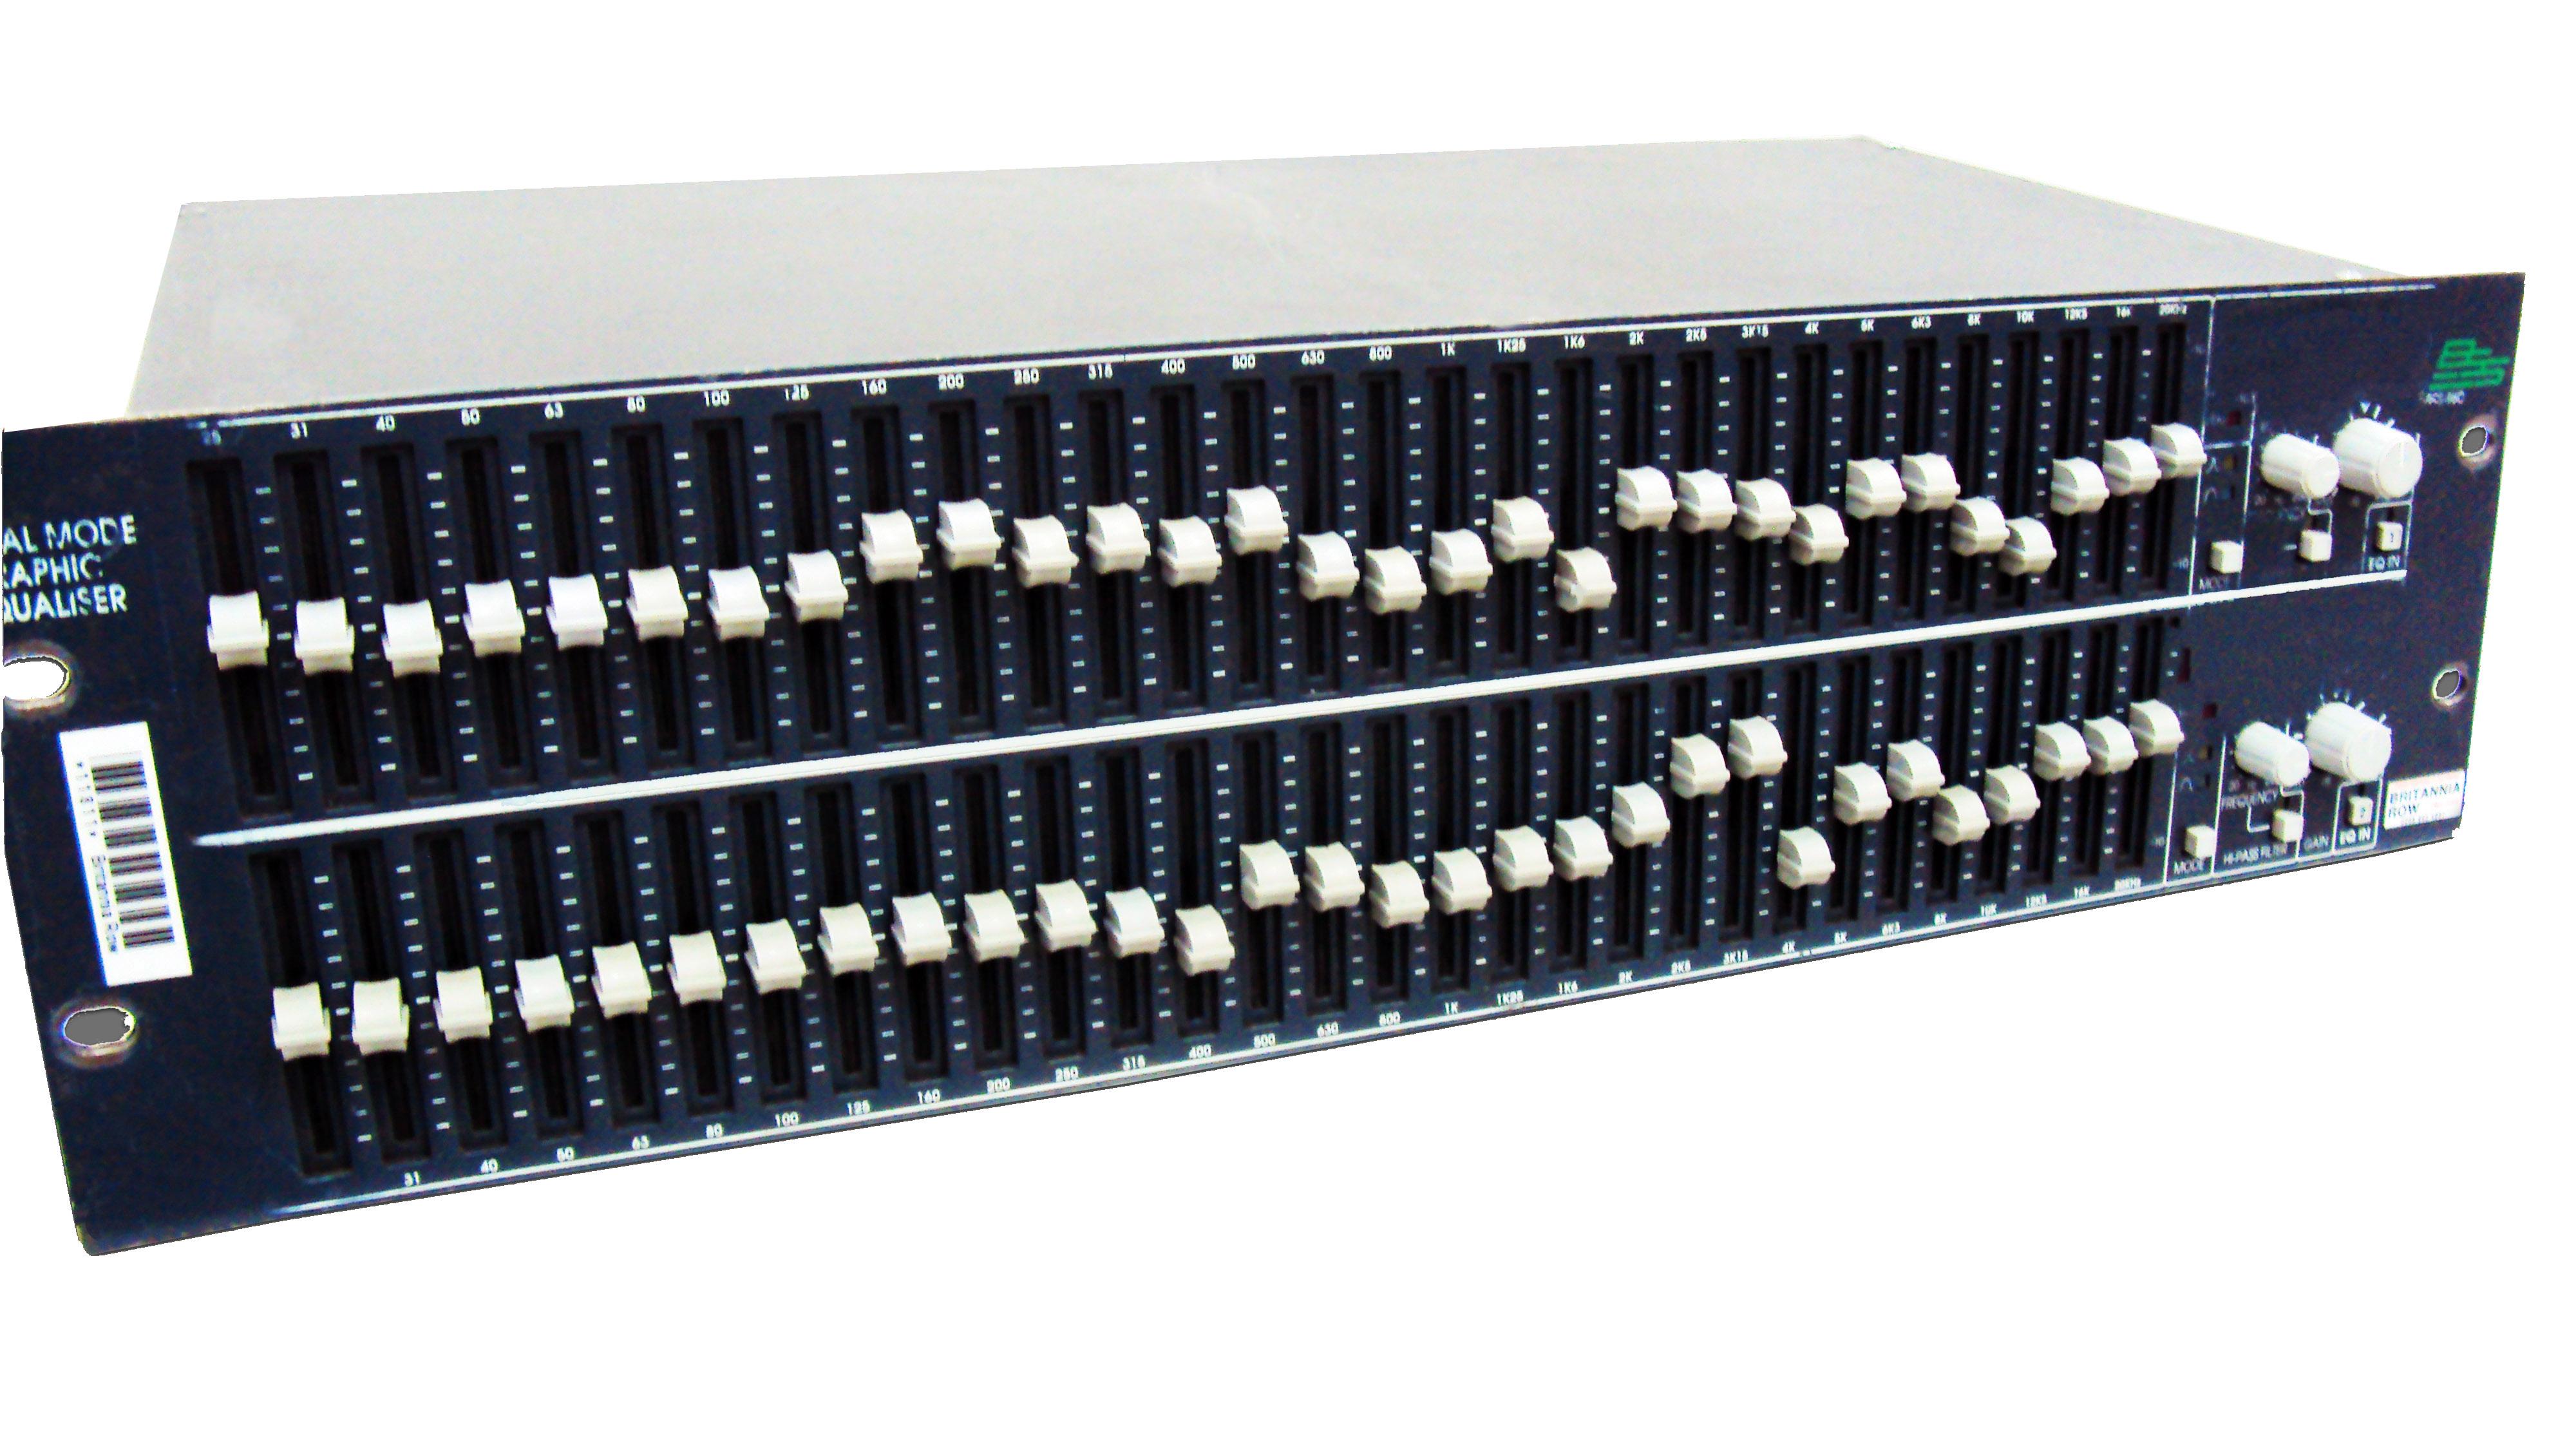 Ecualizador para Yamaha AS1100 - Página 3 Bss-fcs-960-2